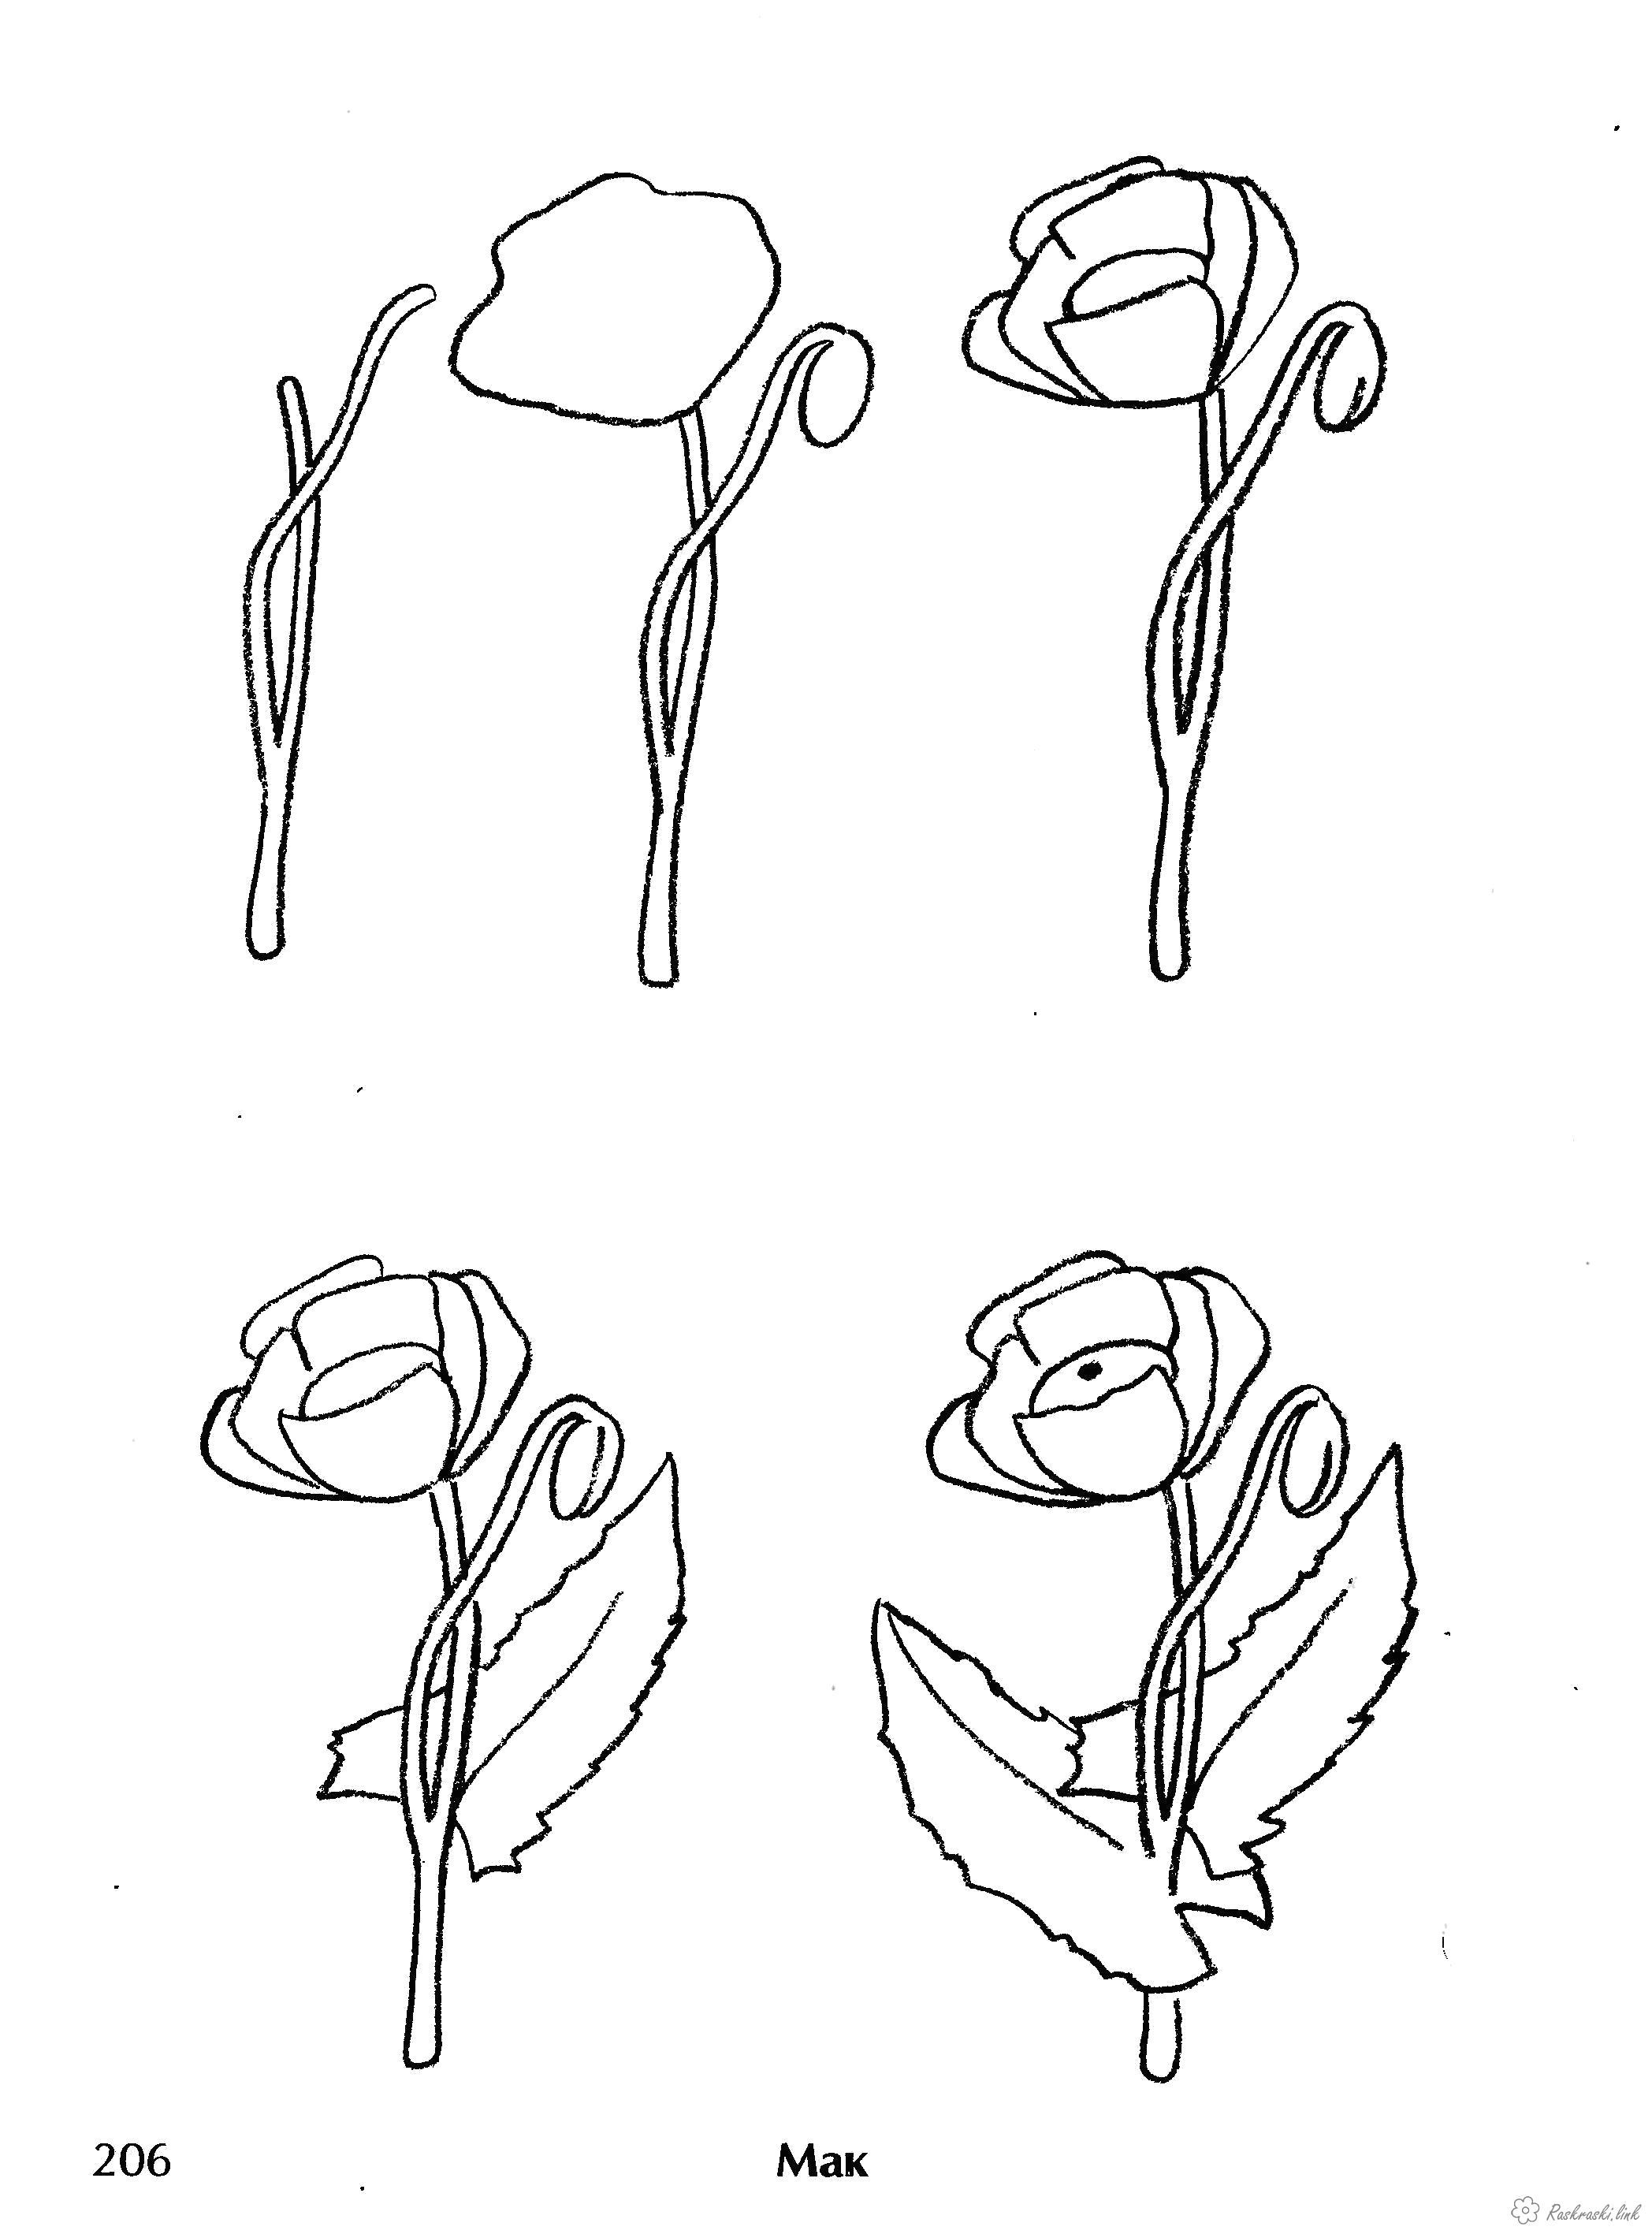 Раскраска  Как нарисовать как нарисовать мак. Скачать как нарисовать.  Распечатать Учимся рисовать